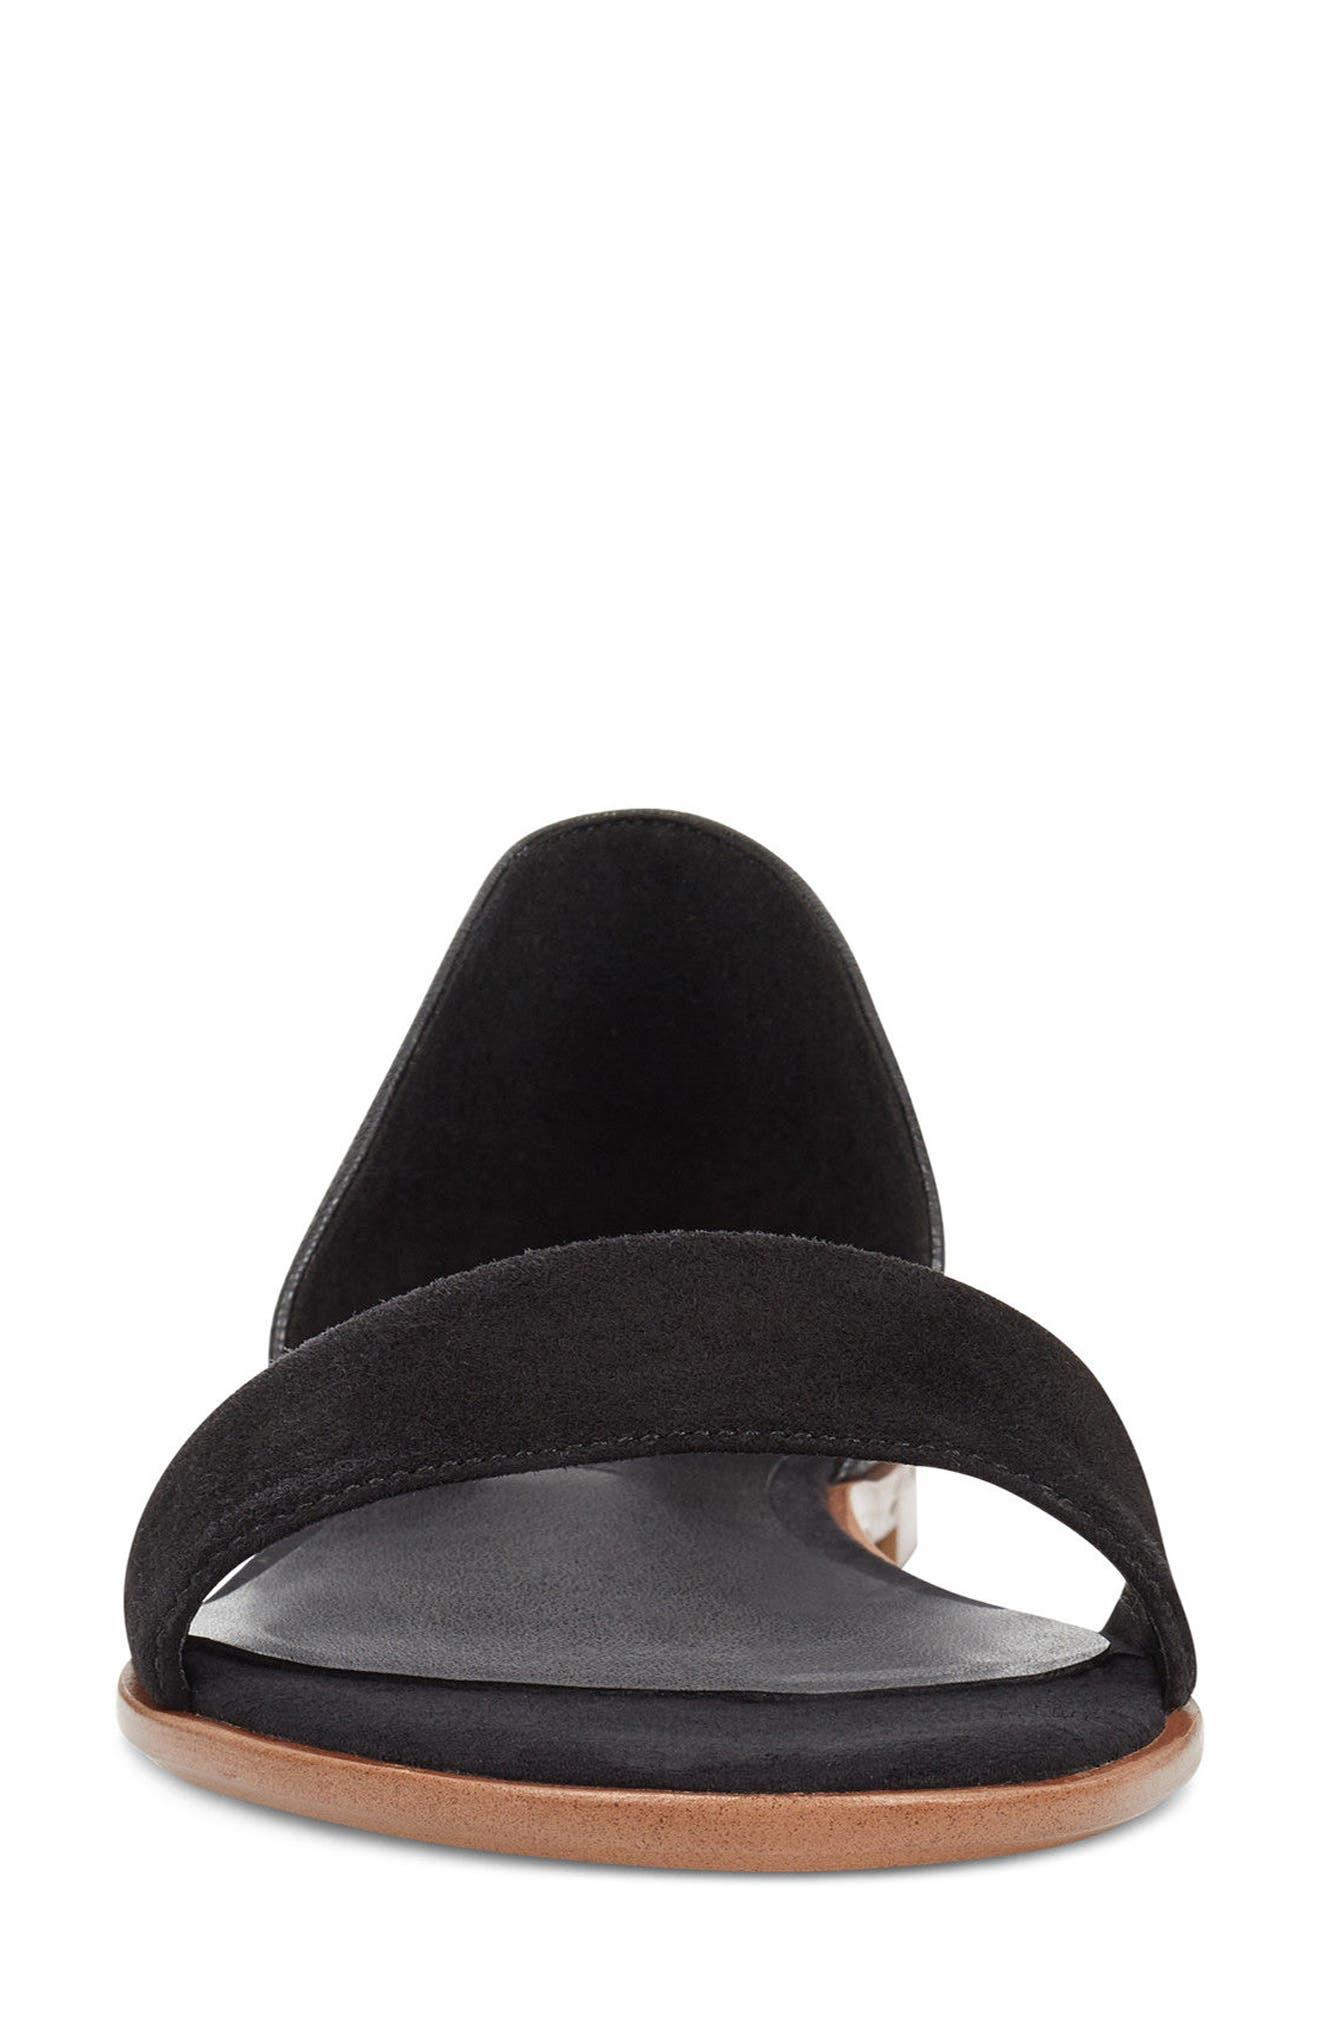 Maris Sandal,                             Alternate thumbnail 4, color,                             Black/ Black Leather